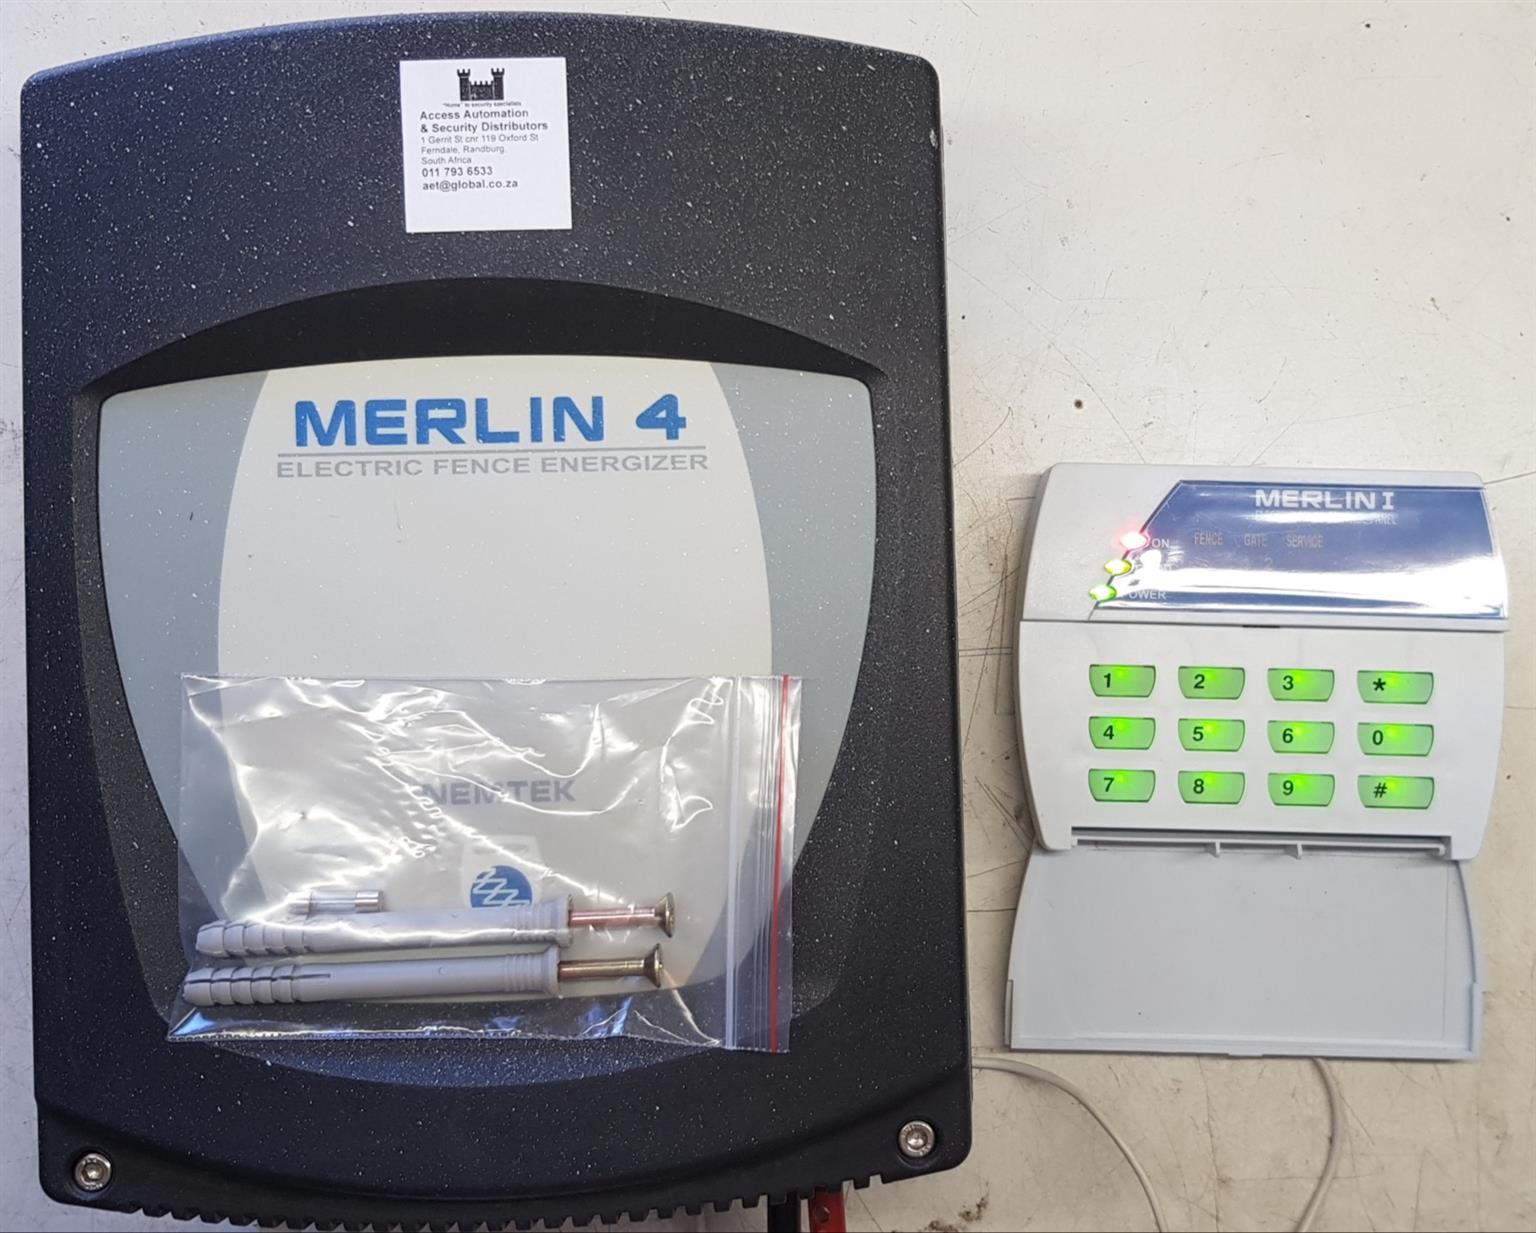 Nemtek Merlin 4 with Keypad Electric Fence Energizer